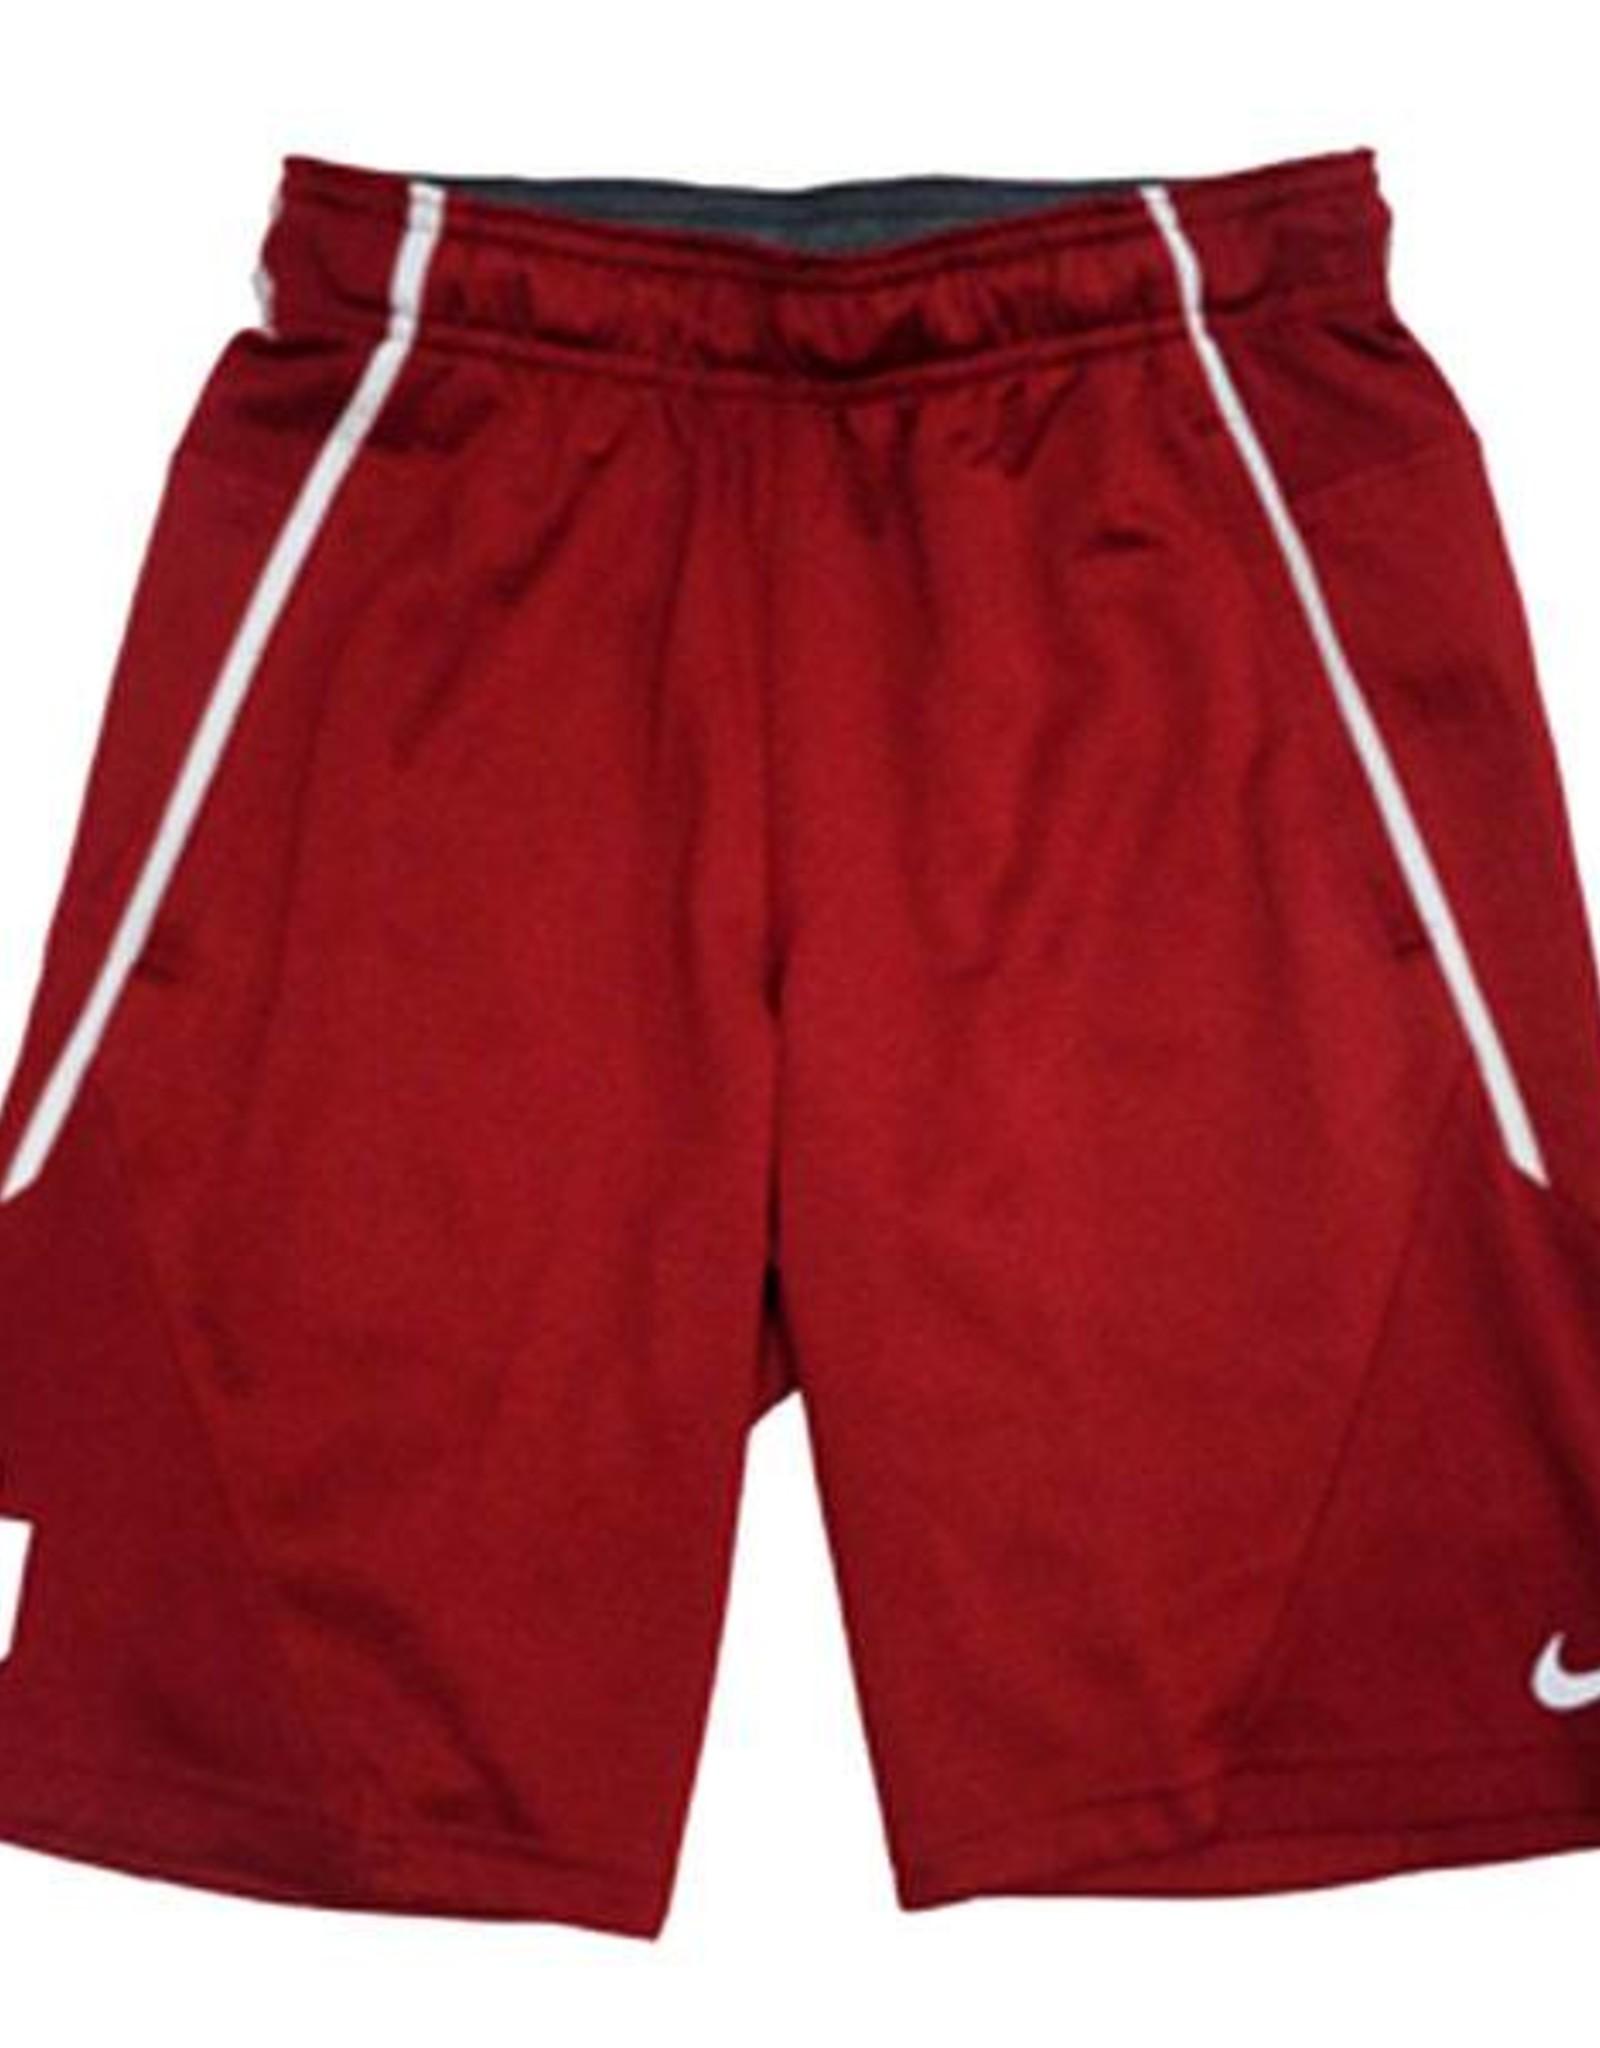 Nike Nike Youth Fly XL 5.0 Short